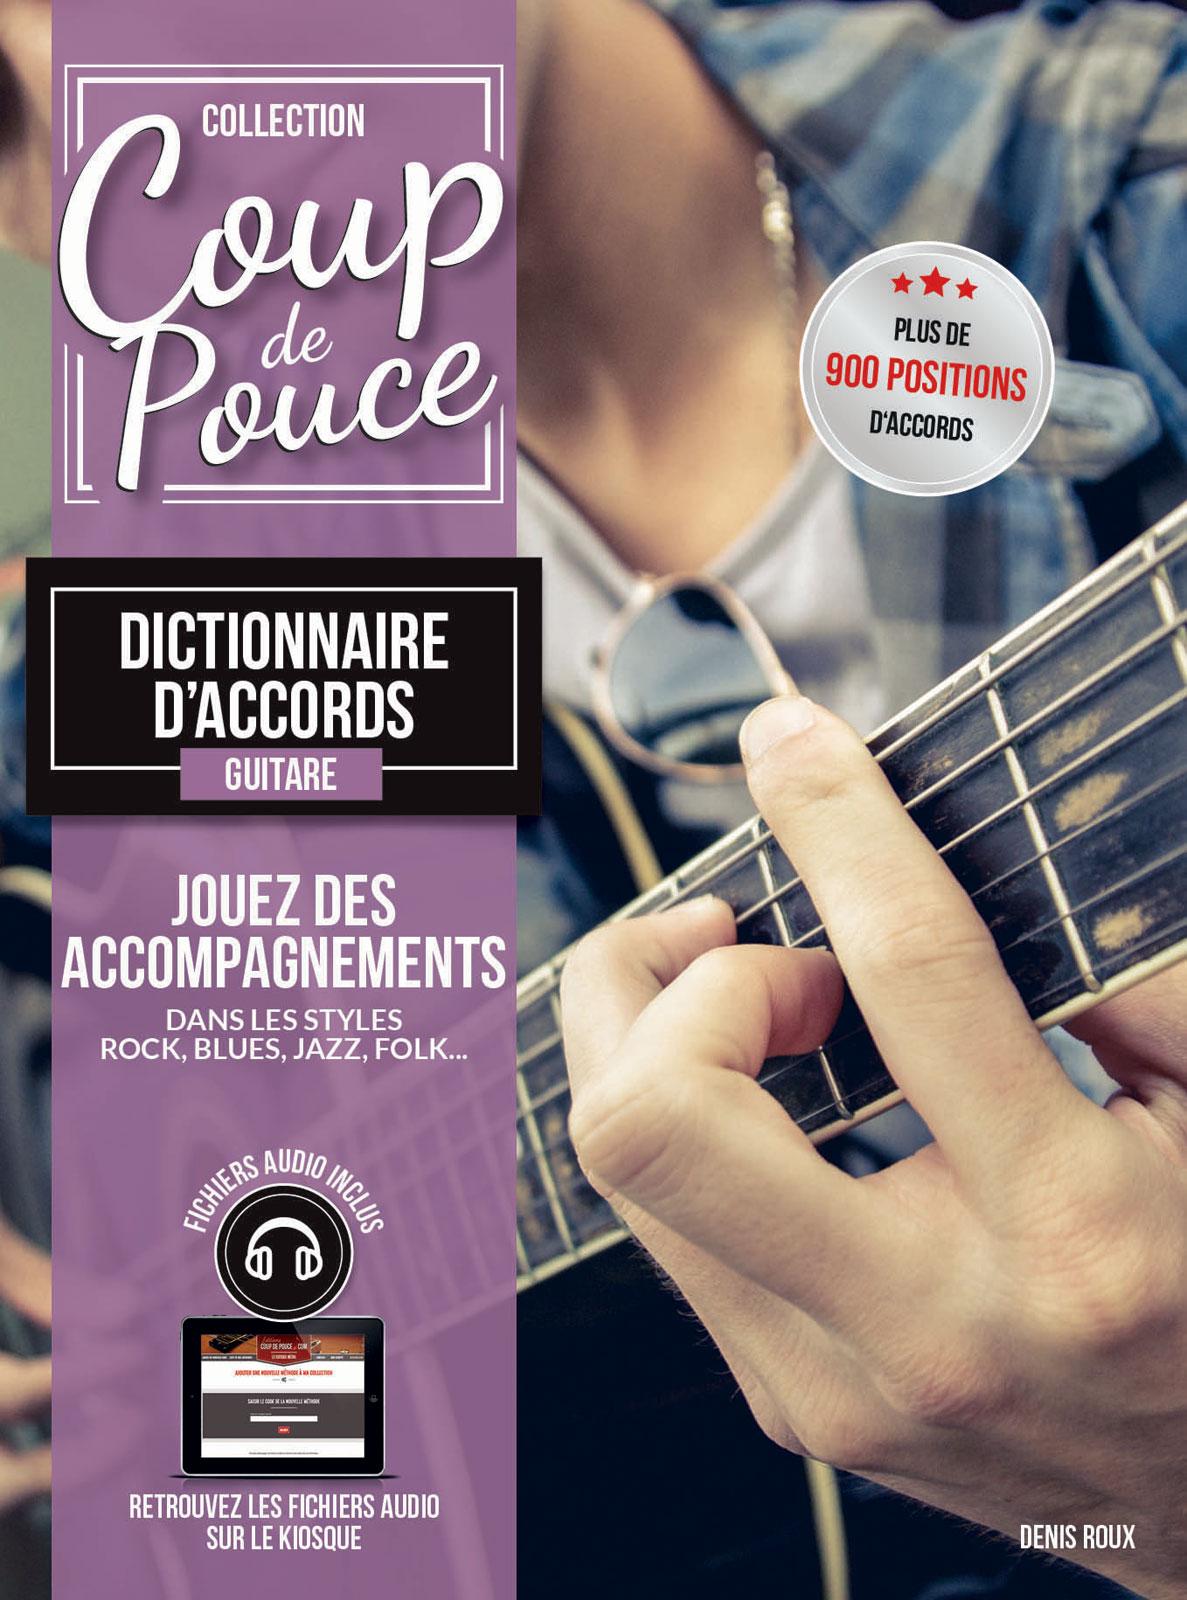 COUP DE POUCE DICTIONNAIRE D'ACCORDS - GUITARE